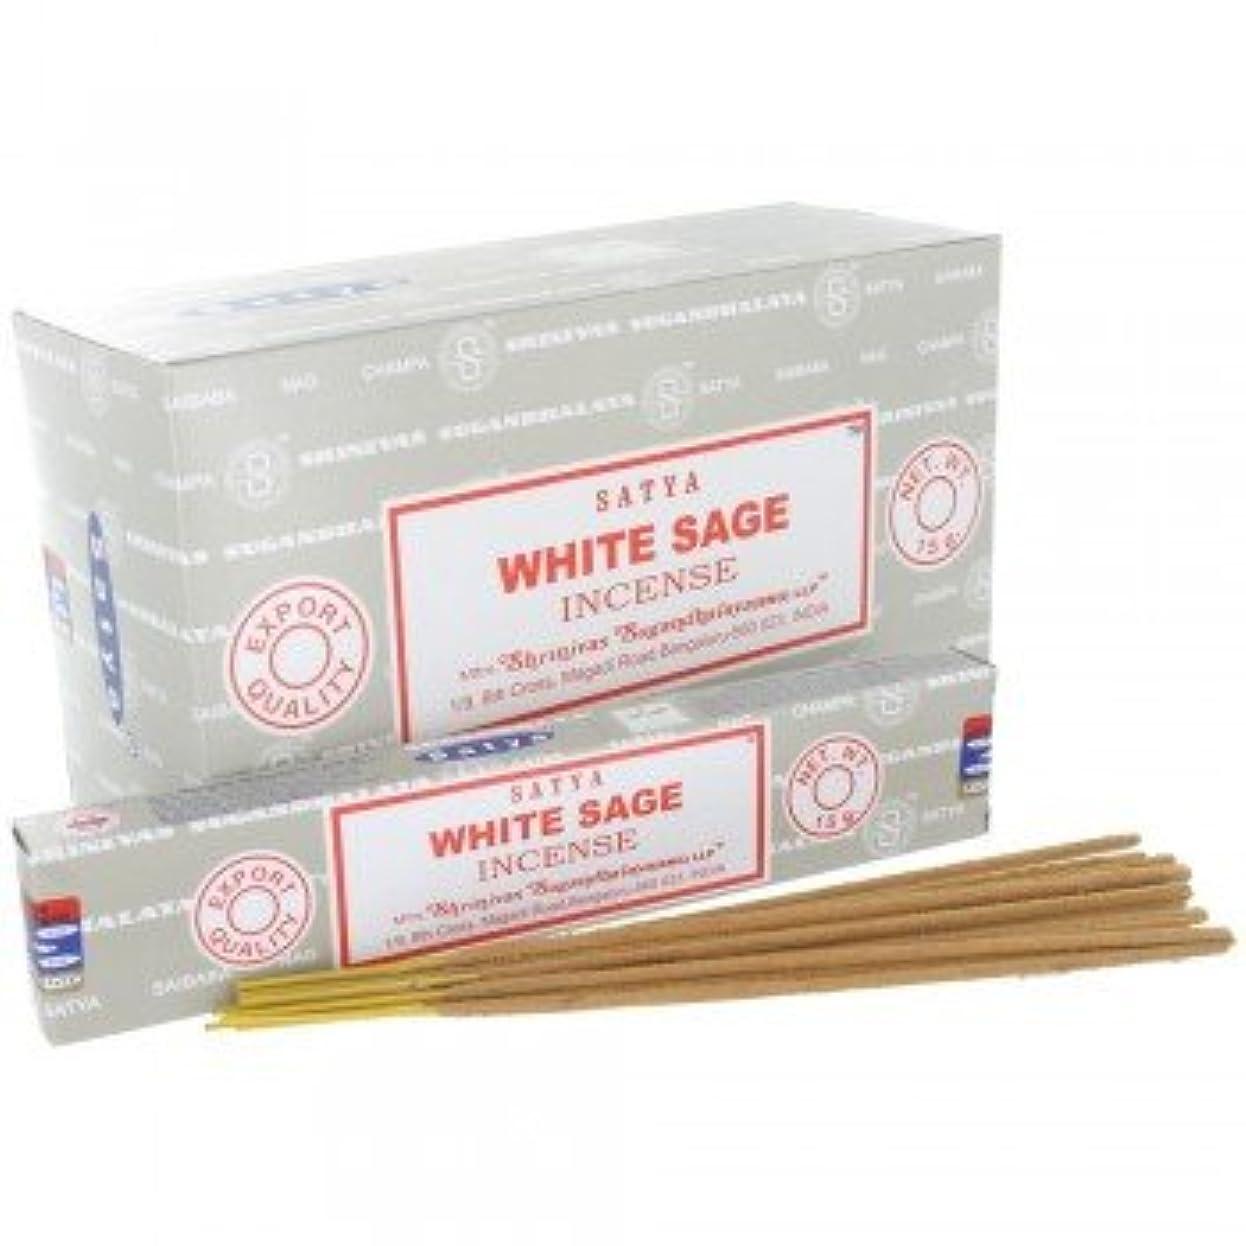 ネット再集計行き当たりばったりSATYA WHITE SAGE ホワイトセージ 聖なる樹 浄化 お香 スティック 約15g入 (1箱(12個入)) [並行輸入品]